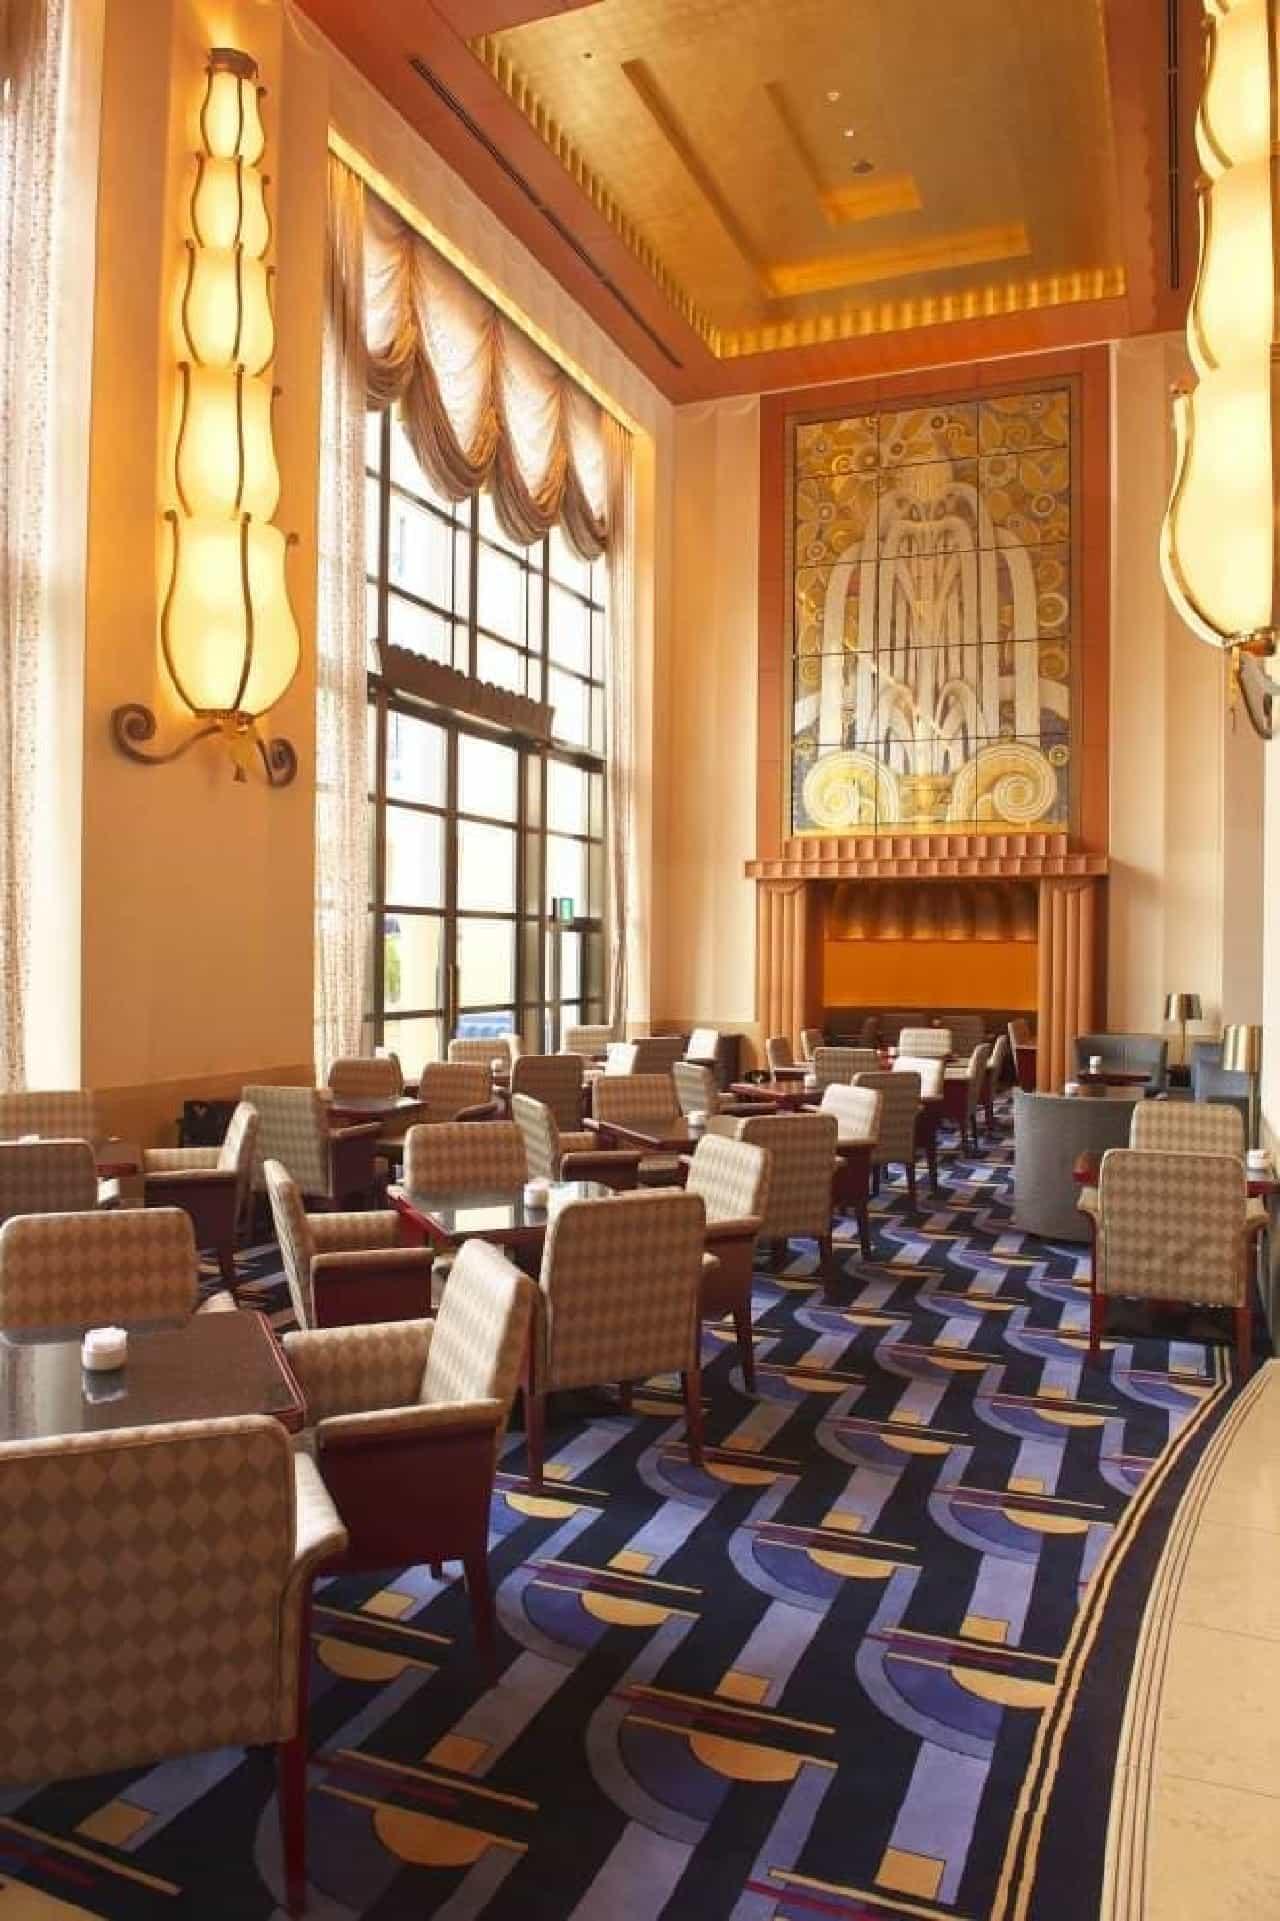 ディズニーアンバサダーホテルのロビーラウンジ「ハイピリオン・ラウンジ」